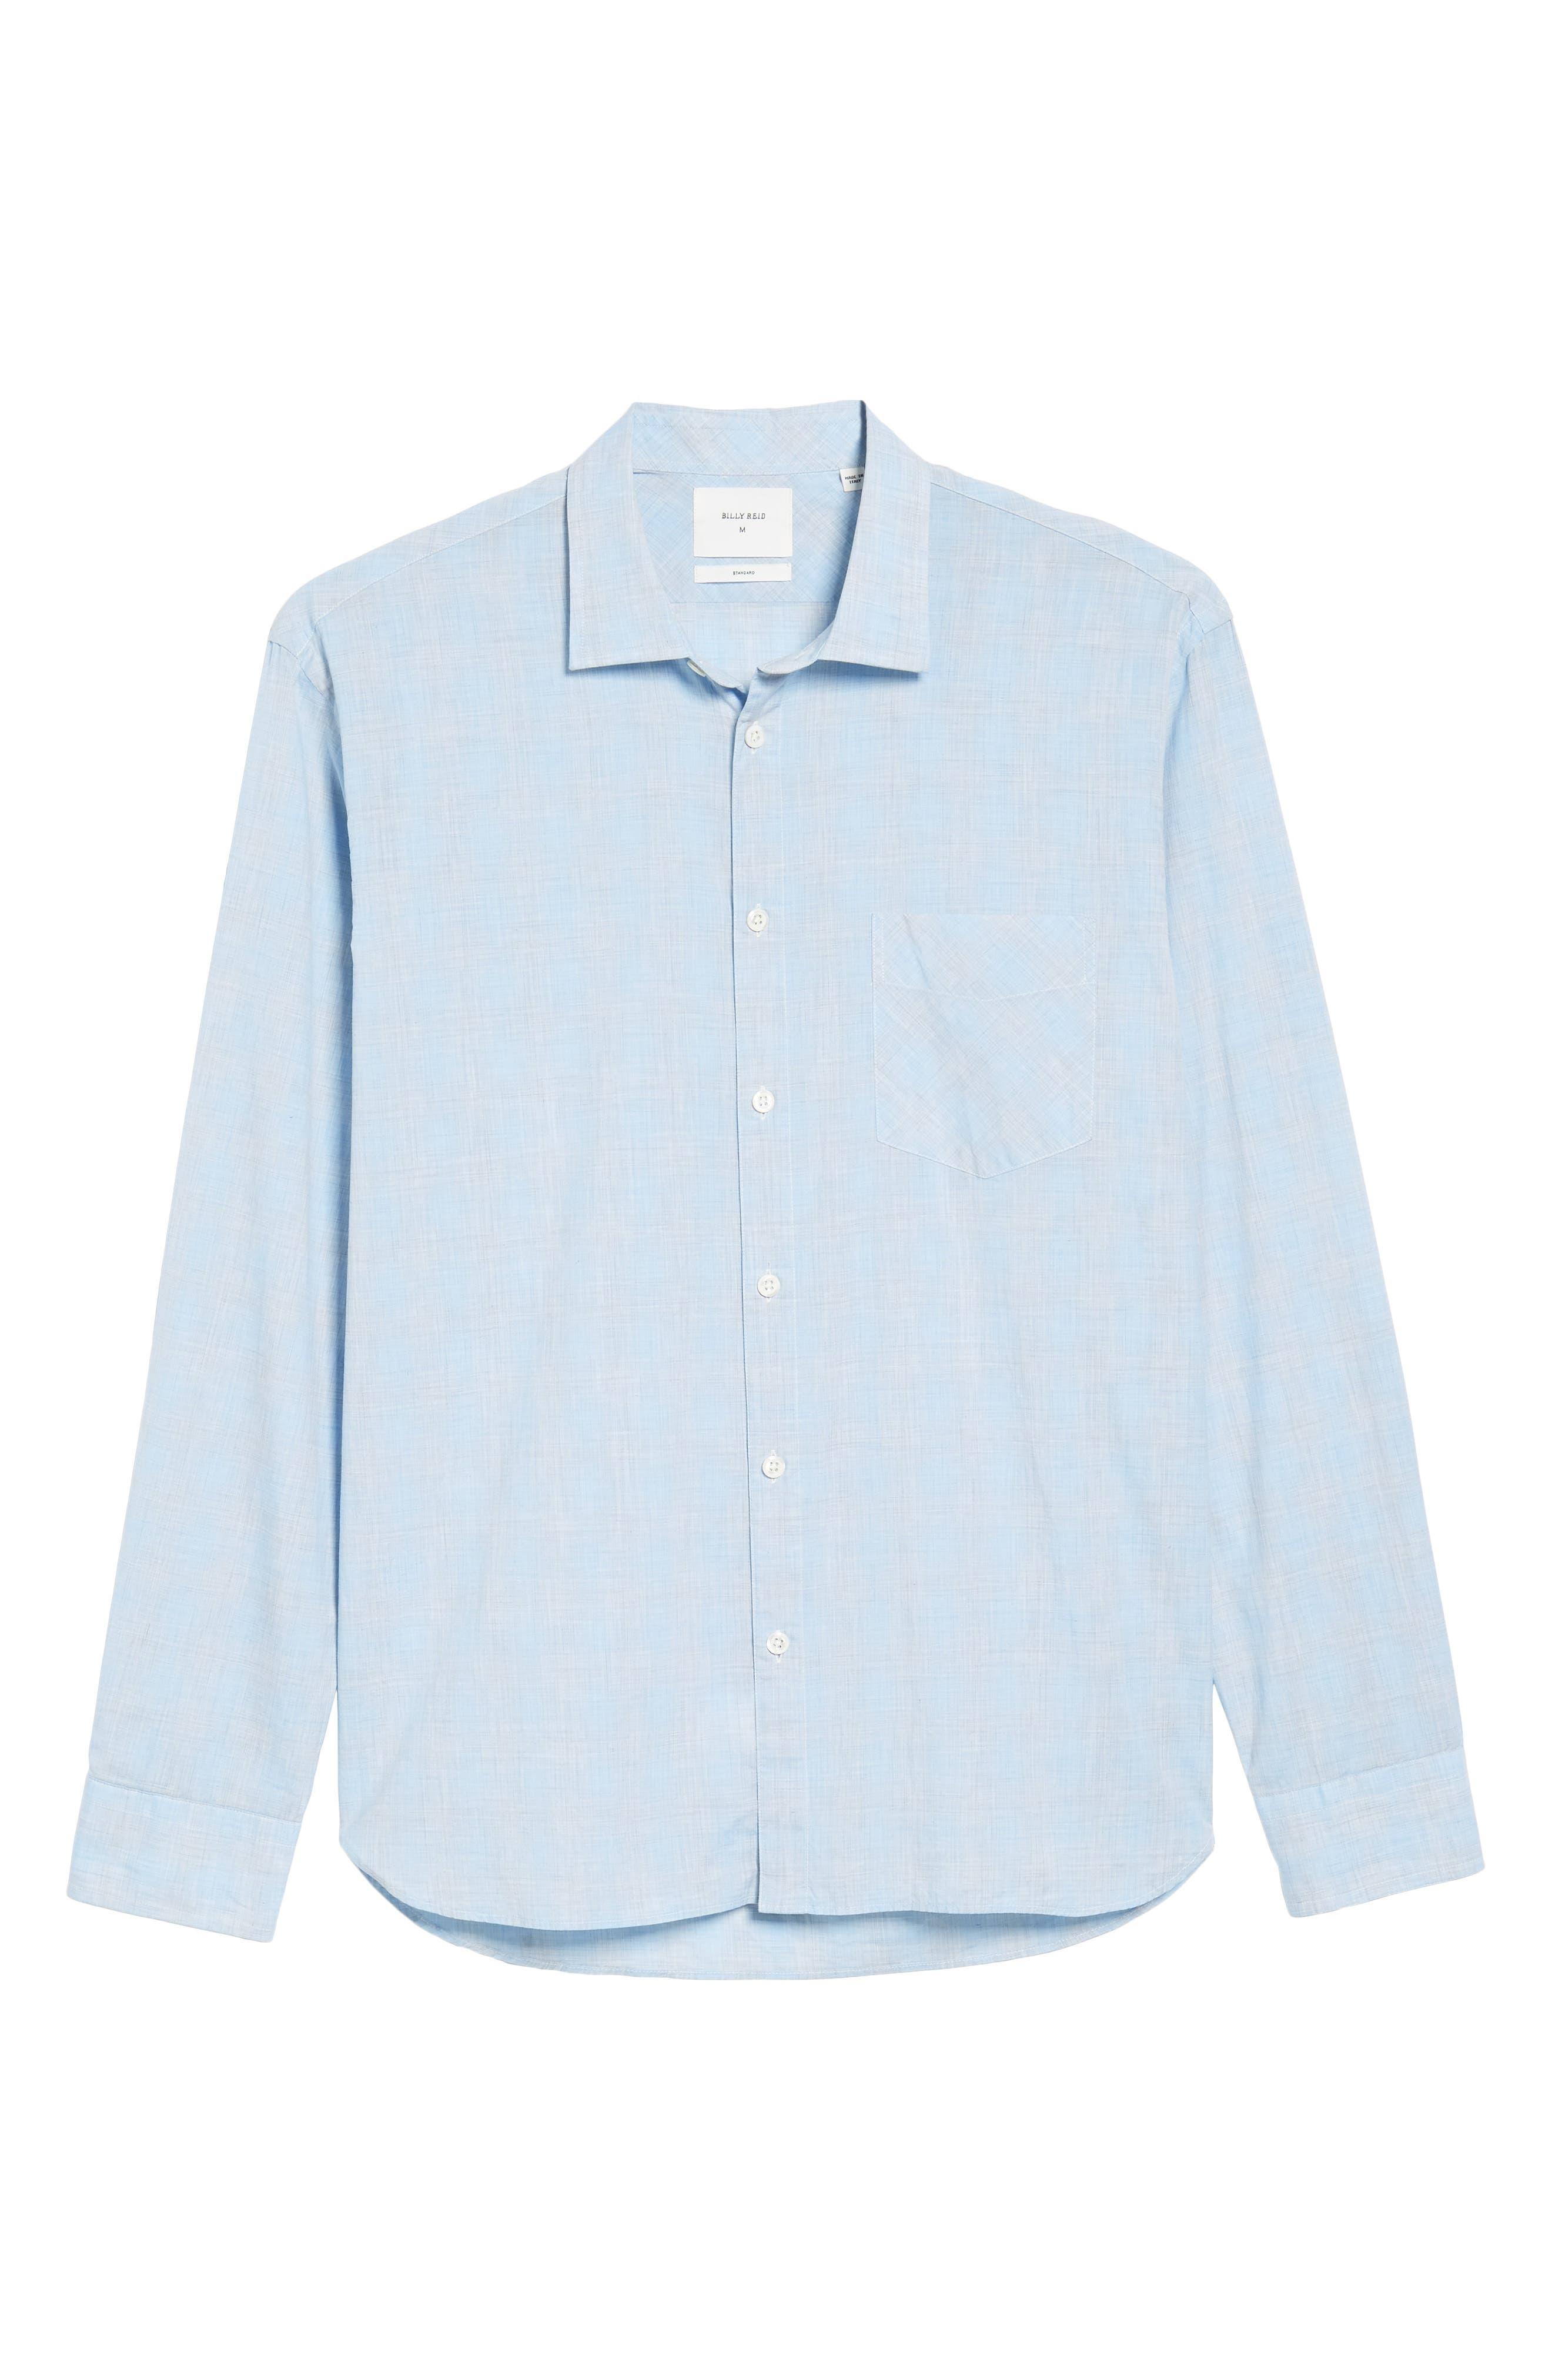 John T Slim Fit Sport Shirt,                             Alternate thumbnail 6, color,                             Light Blue